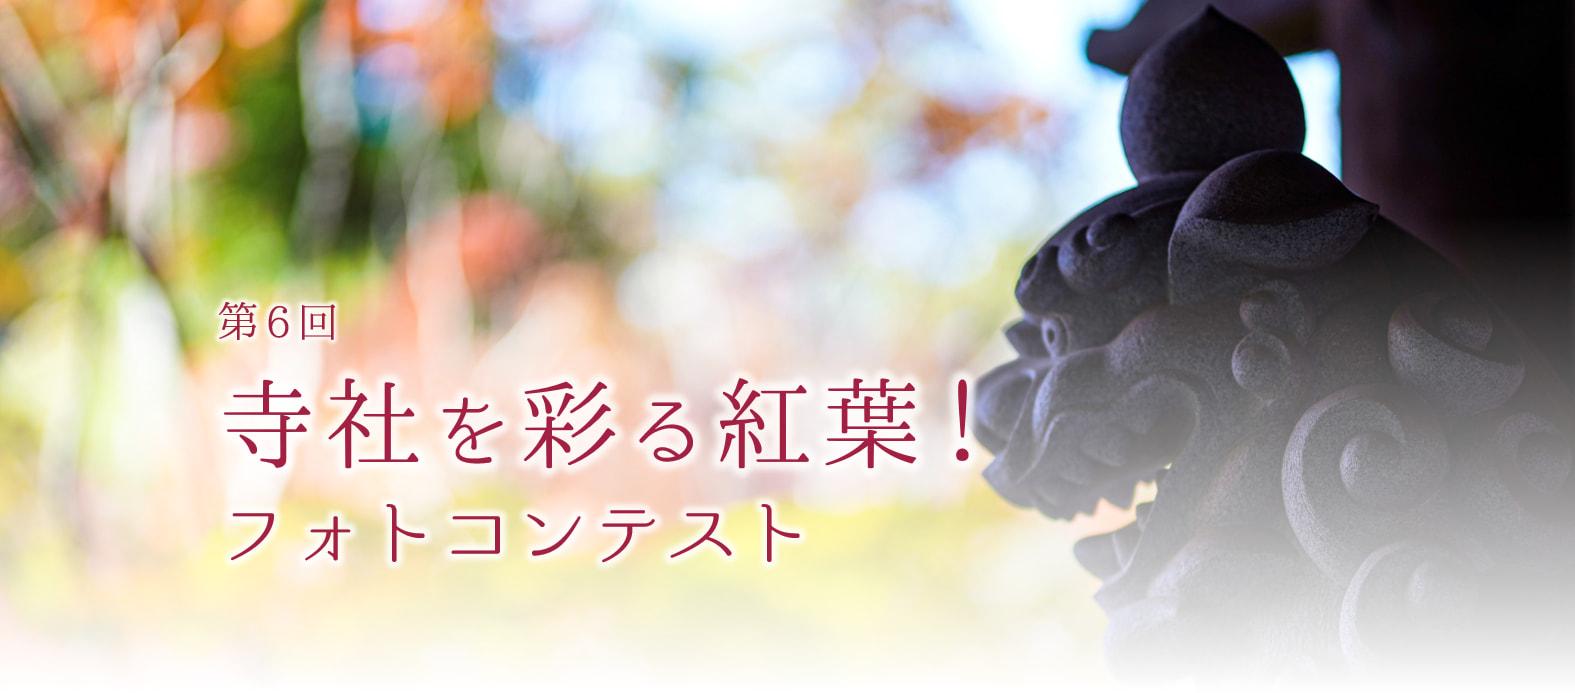 「第6回 寺社を彩る紅葉!フォトコンテスト」開催のお知らせ